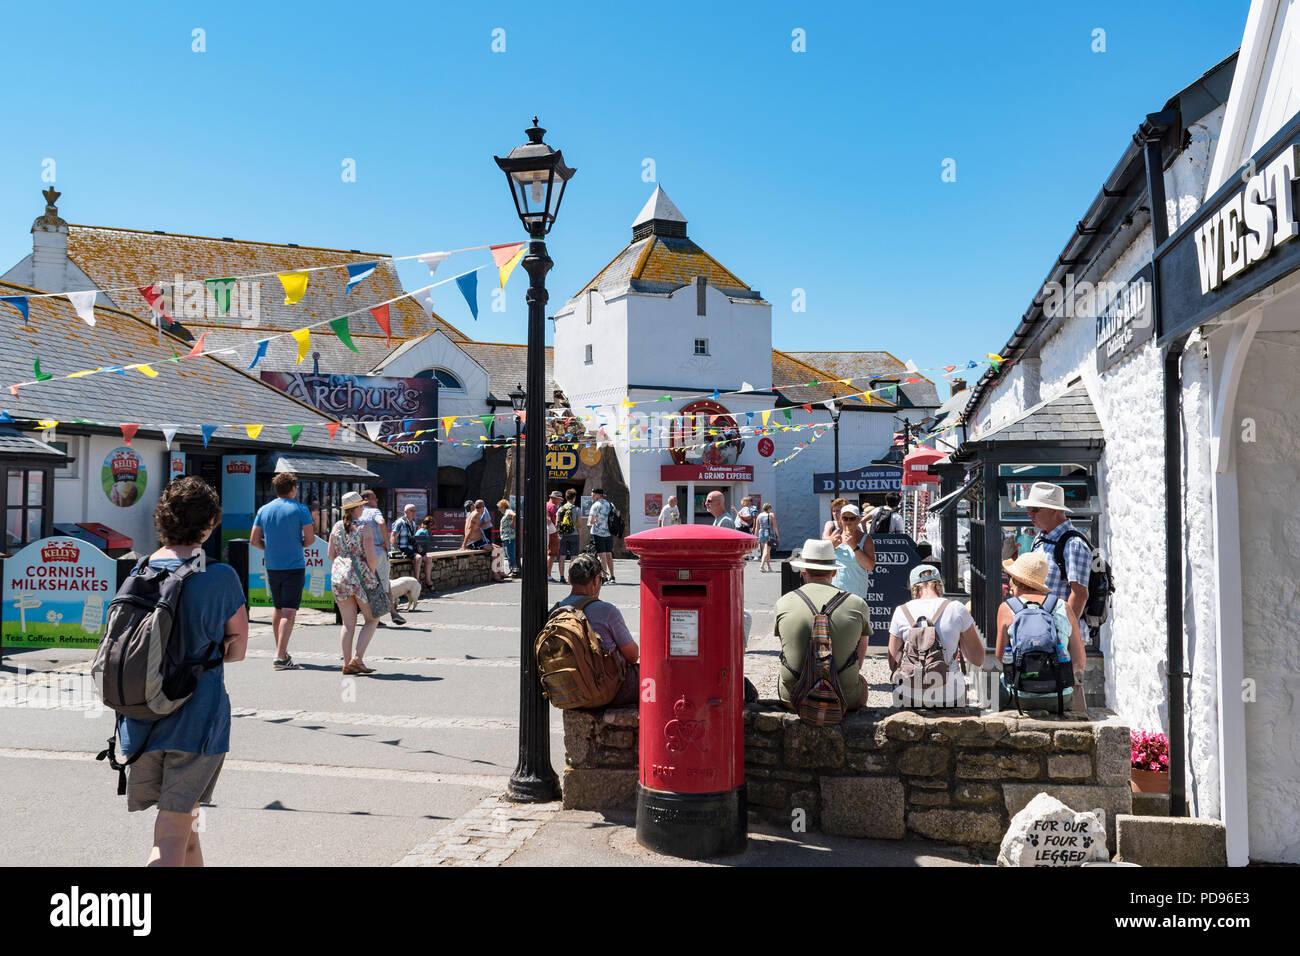 Attraction touristique de Lands End en Cornouailles, Angleterre, Grande-Bretagne, Royaume-Uni. Photo Stock